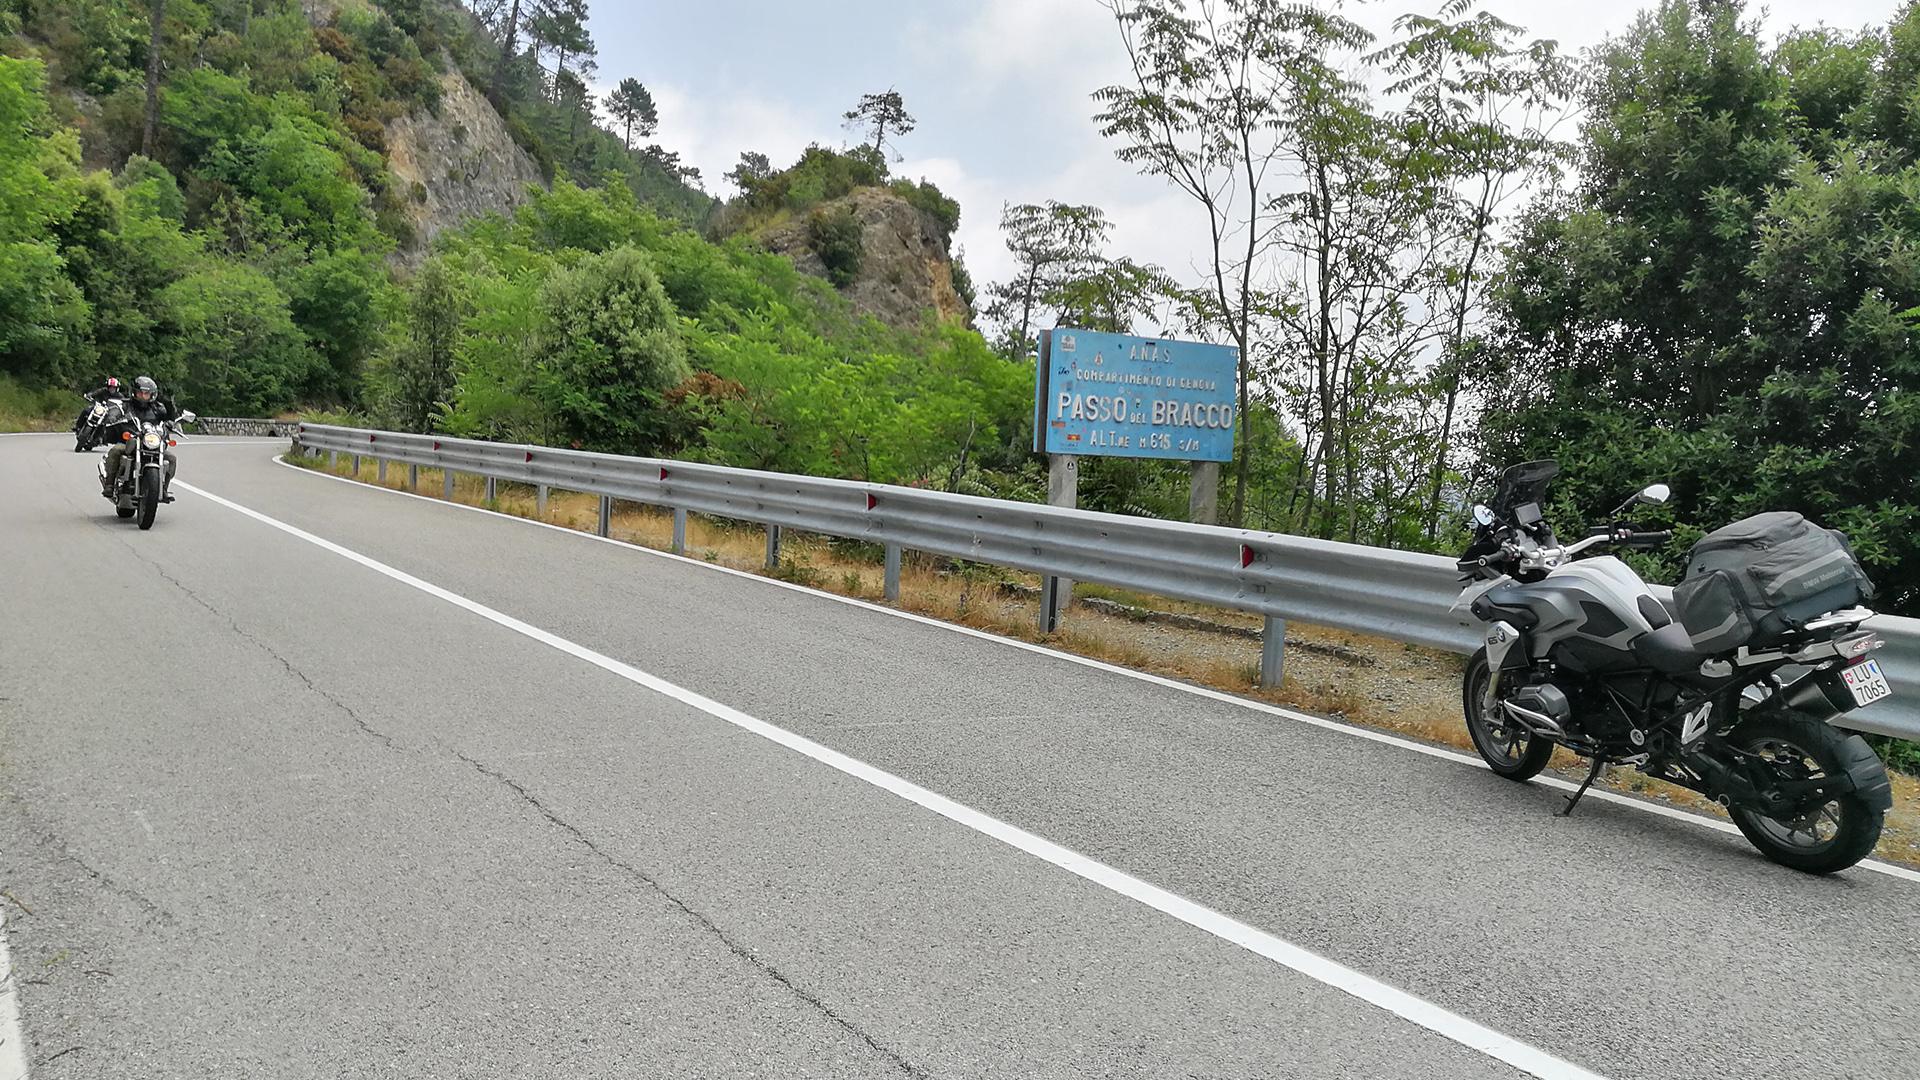 0615 - I - Passo del Bracco